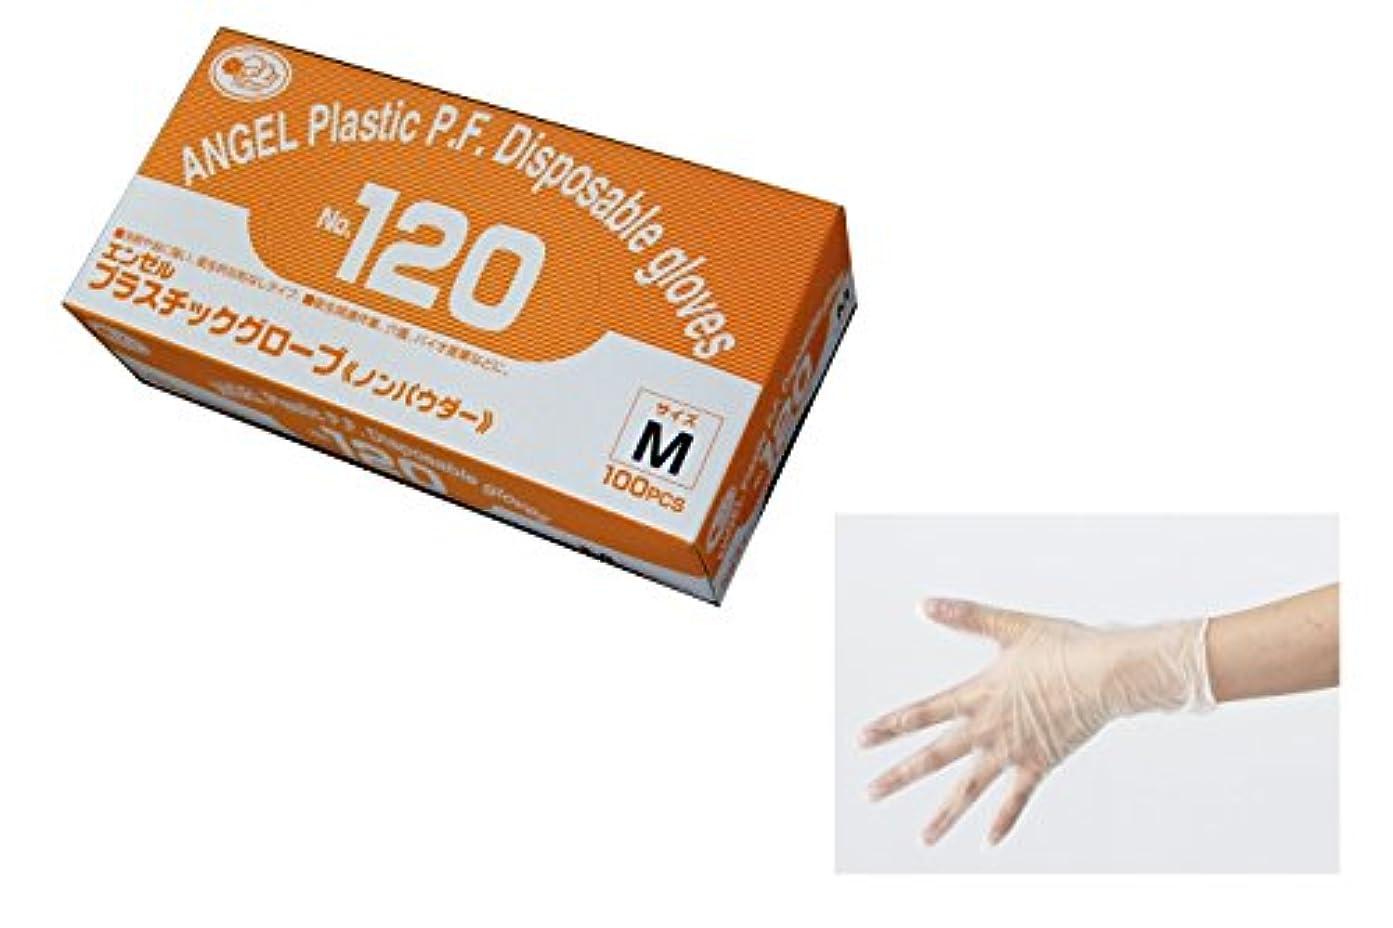 物足りない依存キリンサンフラワー No.120 プラスチックグローブ ノンパウダー 100枚入り (M)